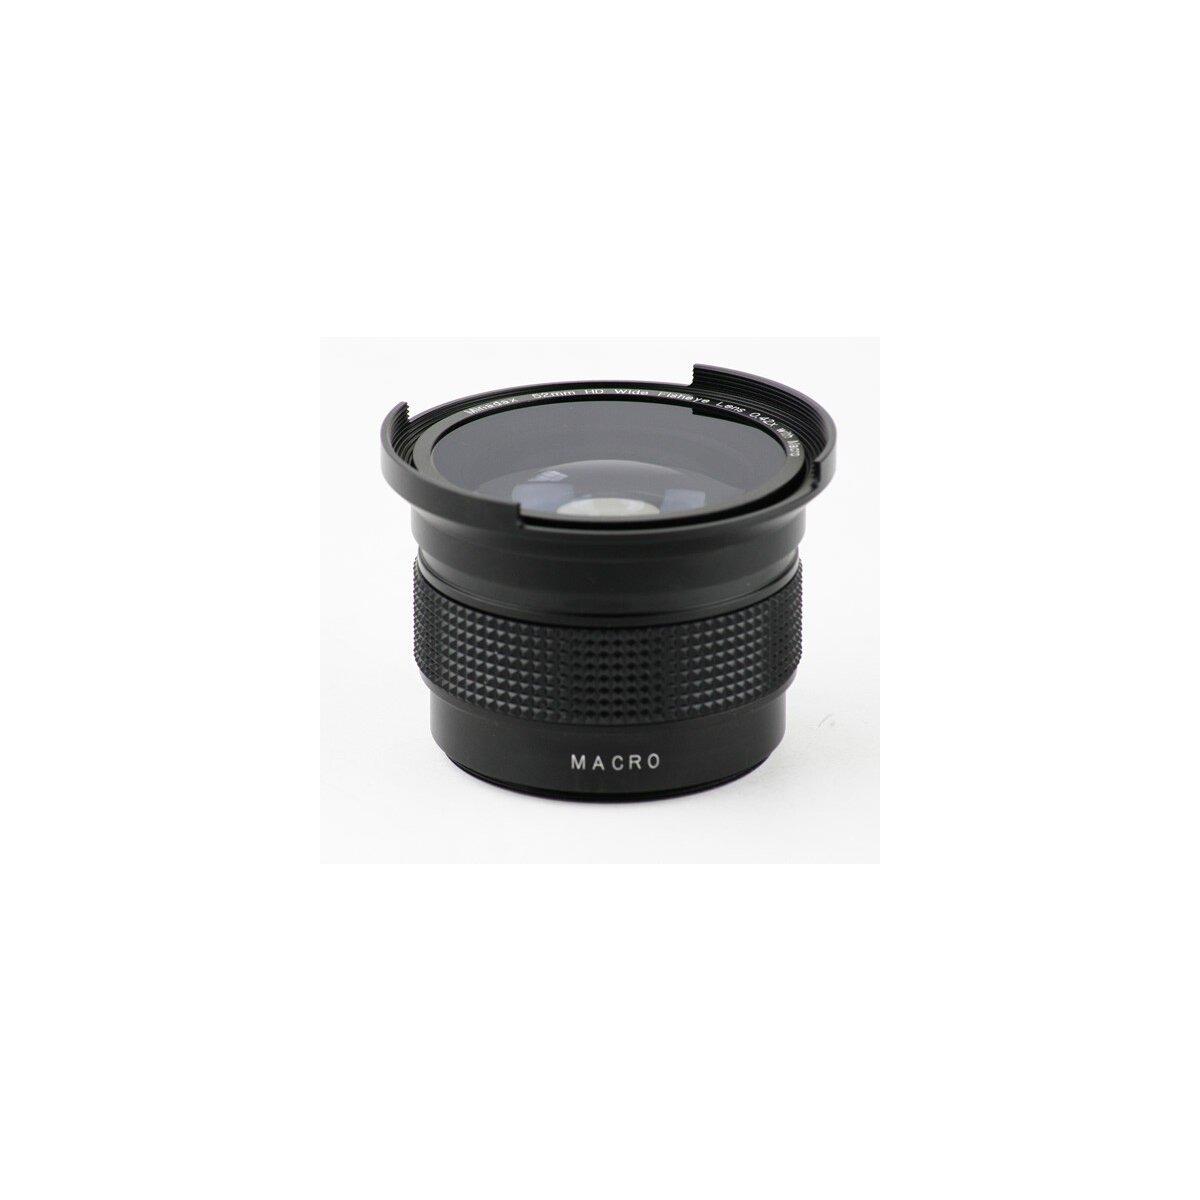 Minadax 0.42x Fisheye Vorsatz kompatibel mit Canon Powershot A610, A620, A630, A640